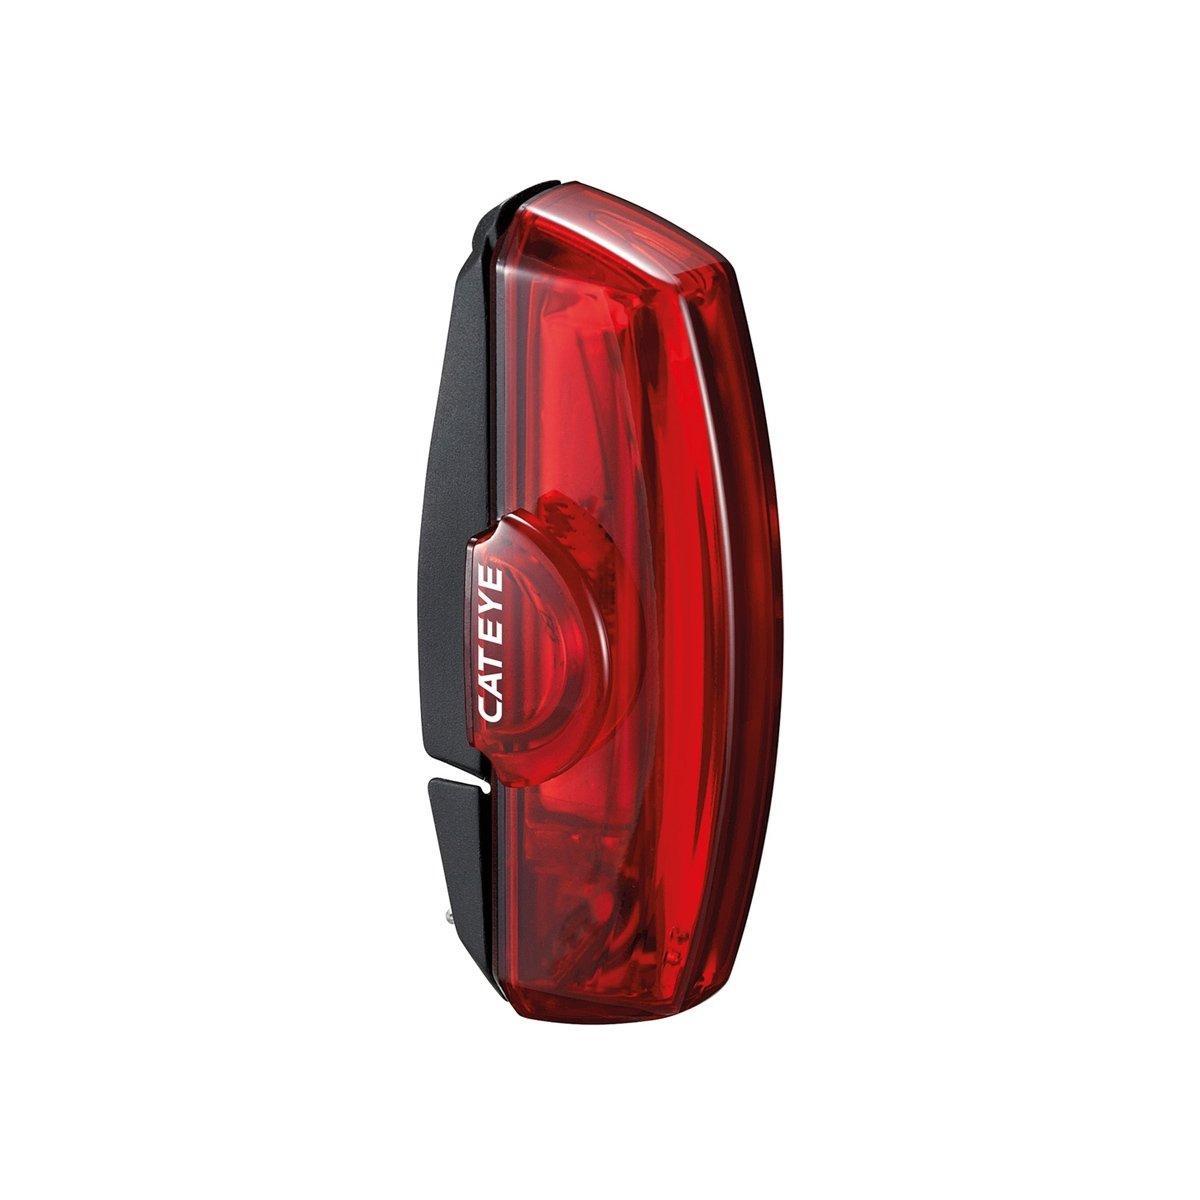 Cateye Rapid X Rear Bike Light